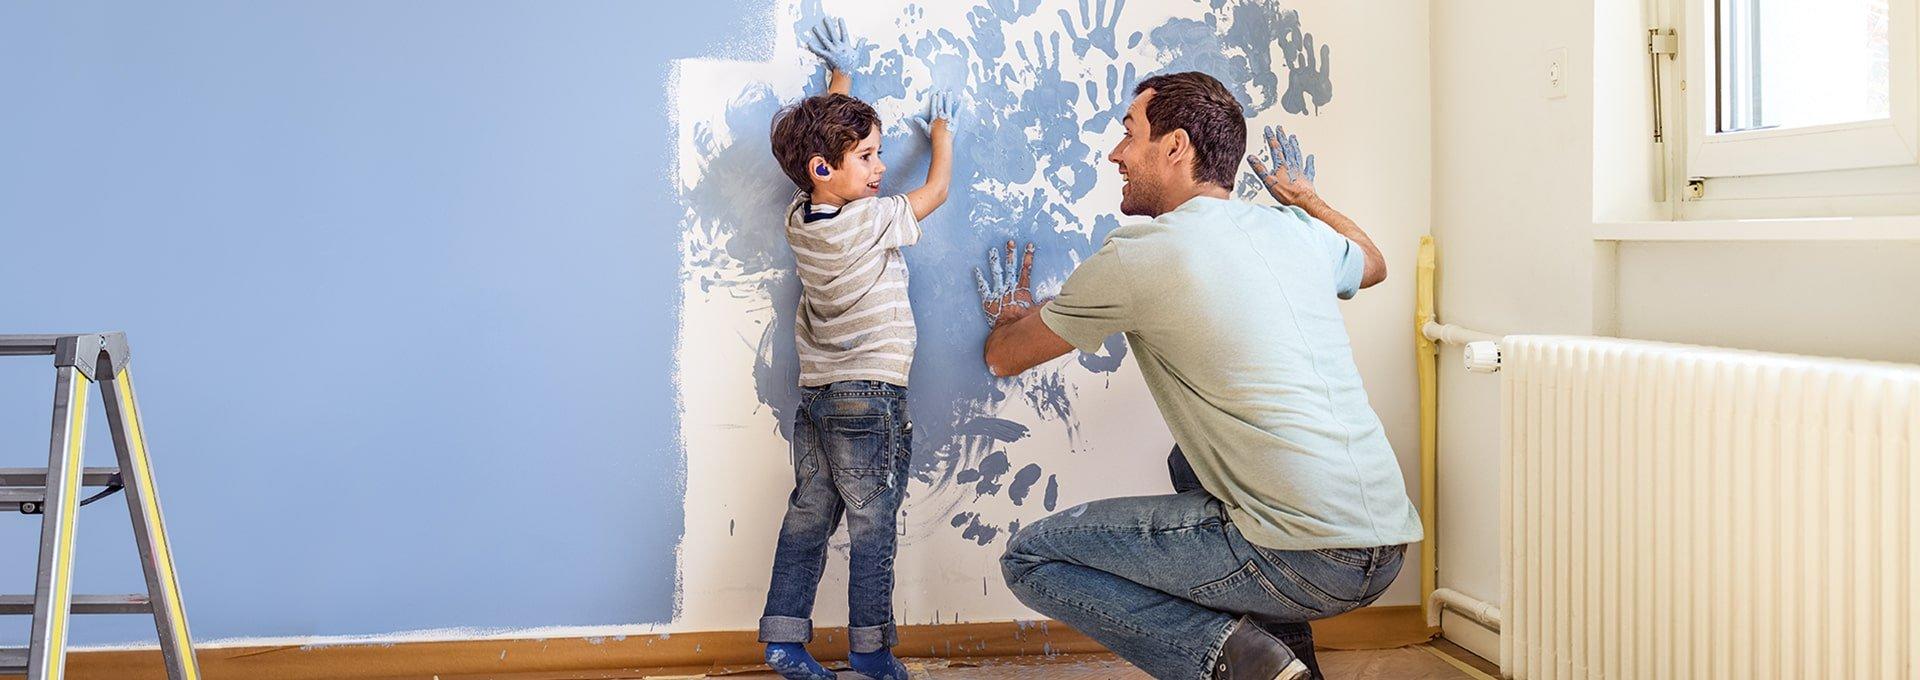 Far og søn med Bernafon Leox Super Power|Ultra Power høreapparater, der maler en væg og spontant laver håndaftryk.